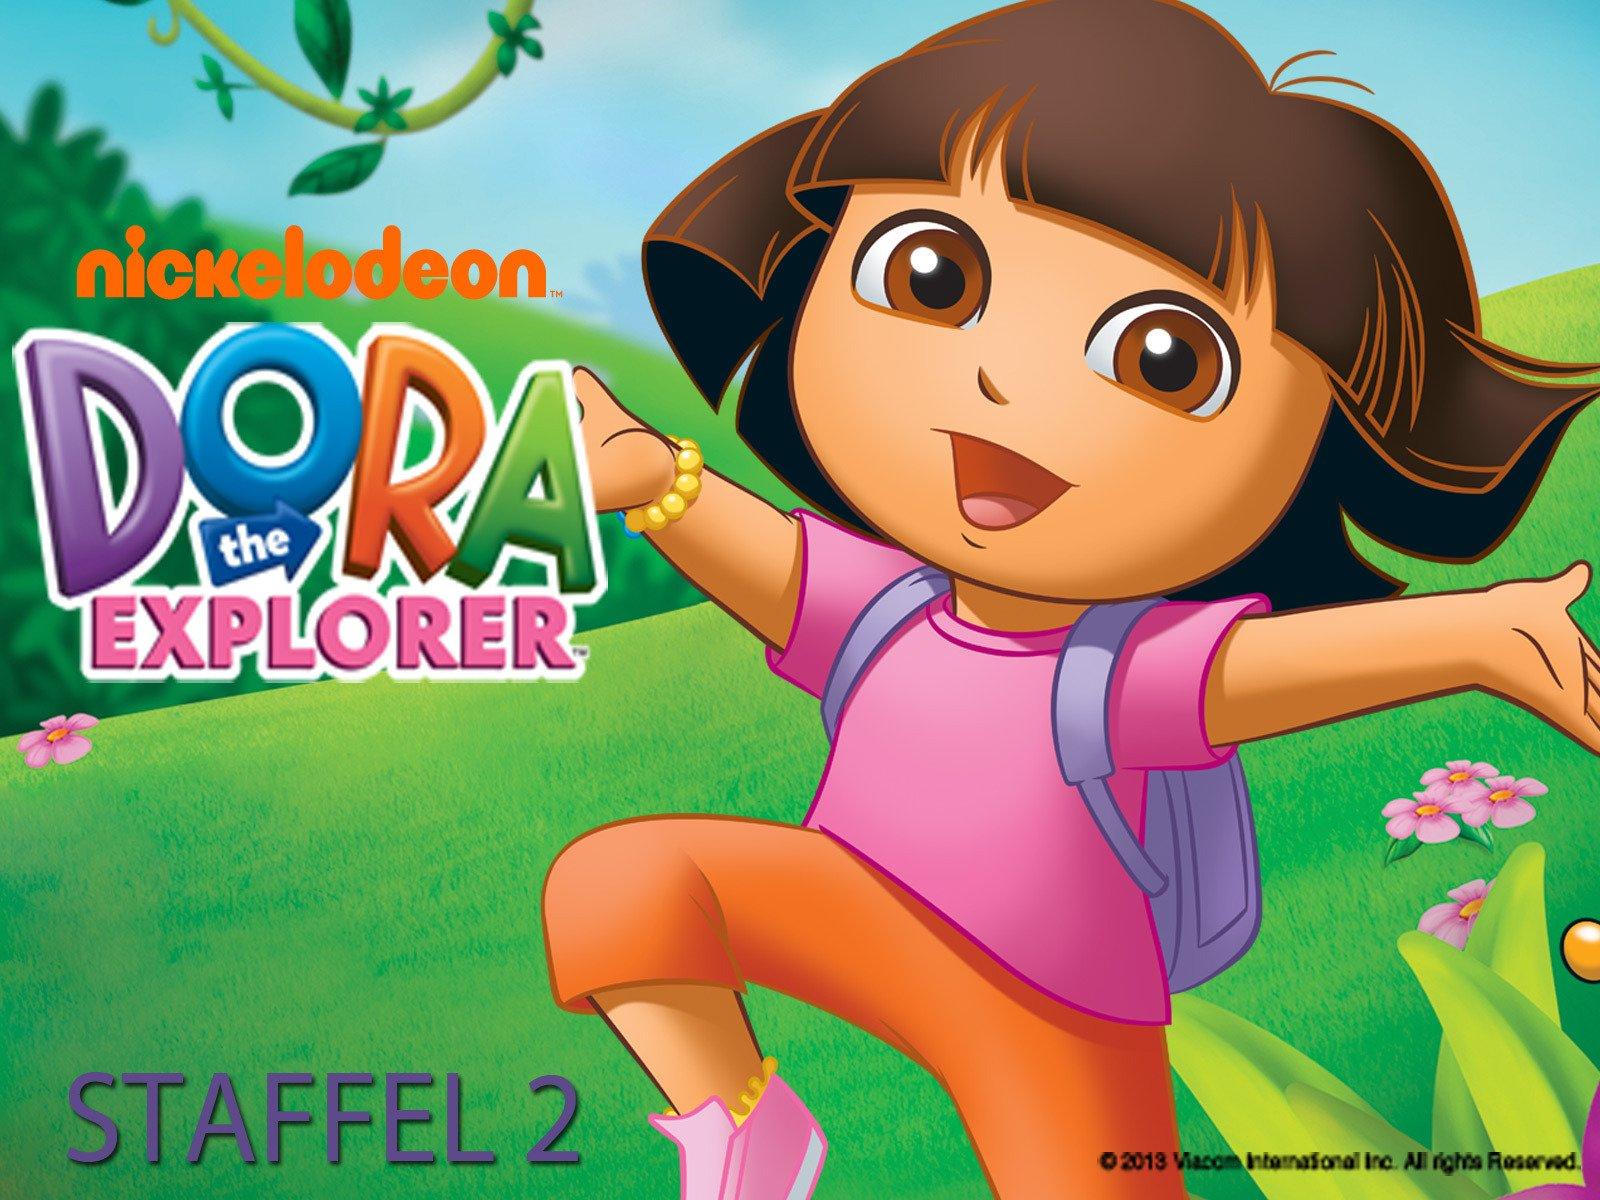 Dora The Explorer - Staffel 2 [dt./OV] online schauen und streamen ...